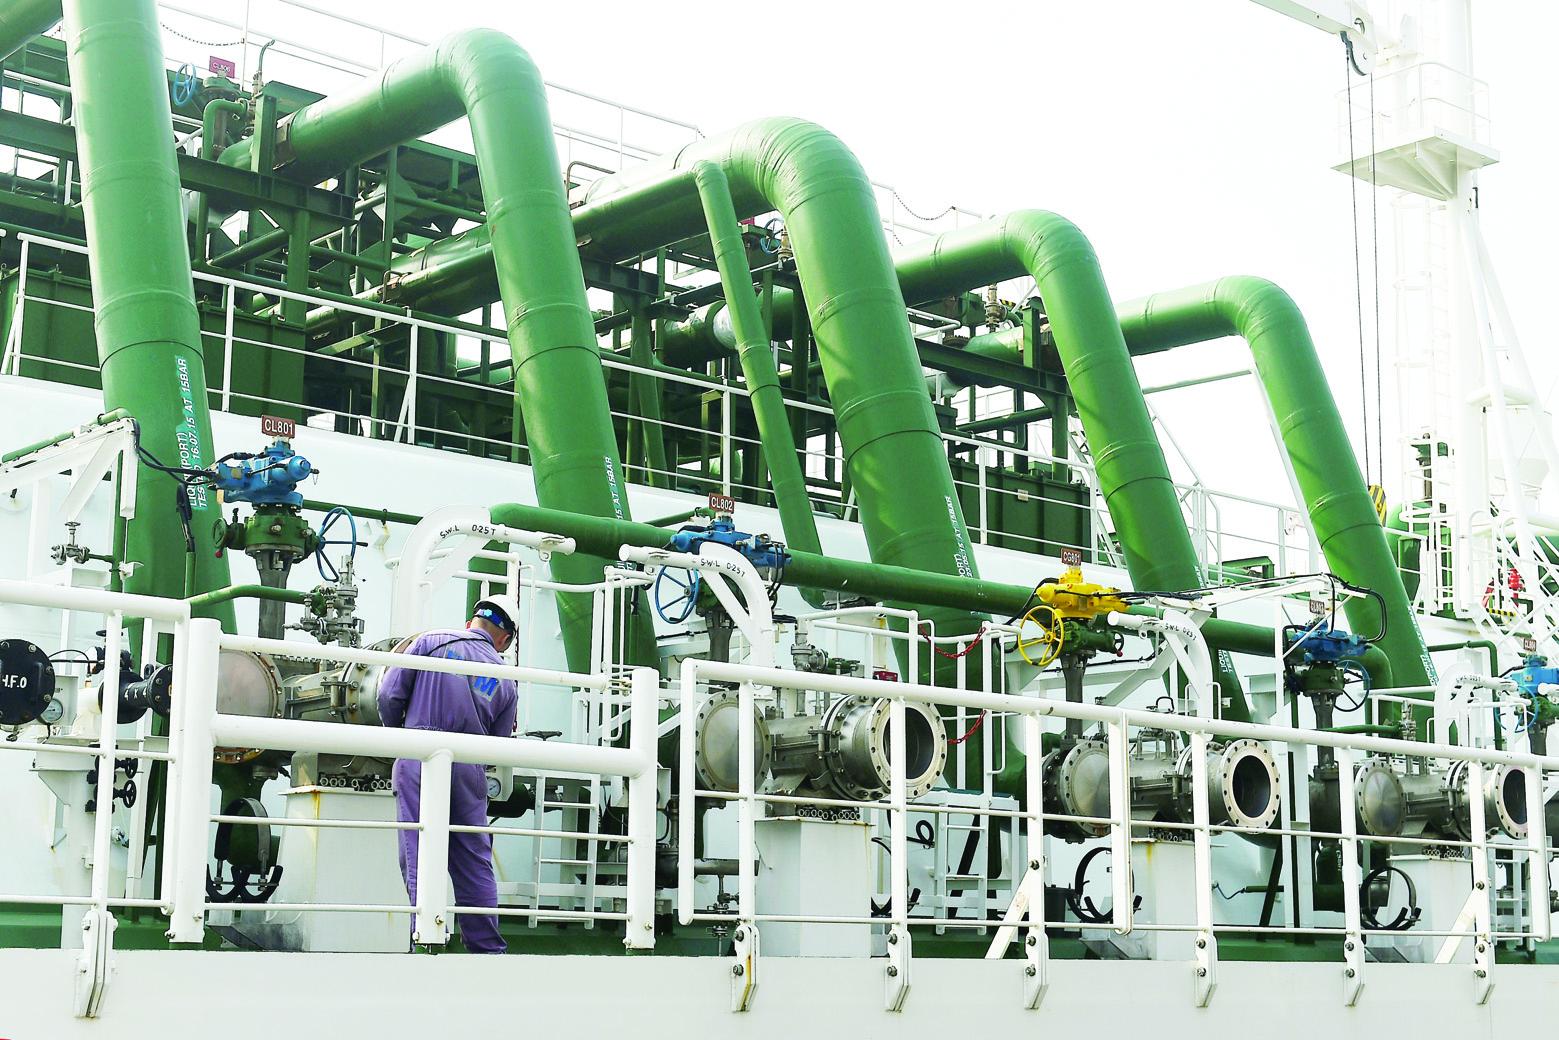 مختصون دوليون لـ الاقتصادية : سياسة السعودية  مثلى  لتجنيب السوق النفطية أية صدمات   صحيفة الاقتصادية